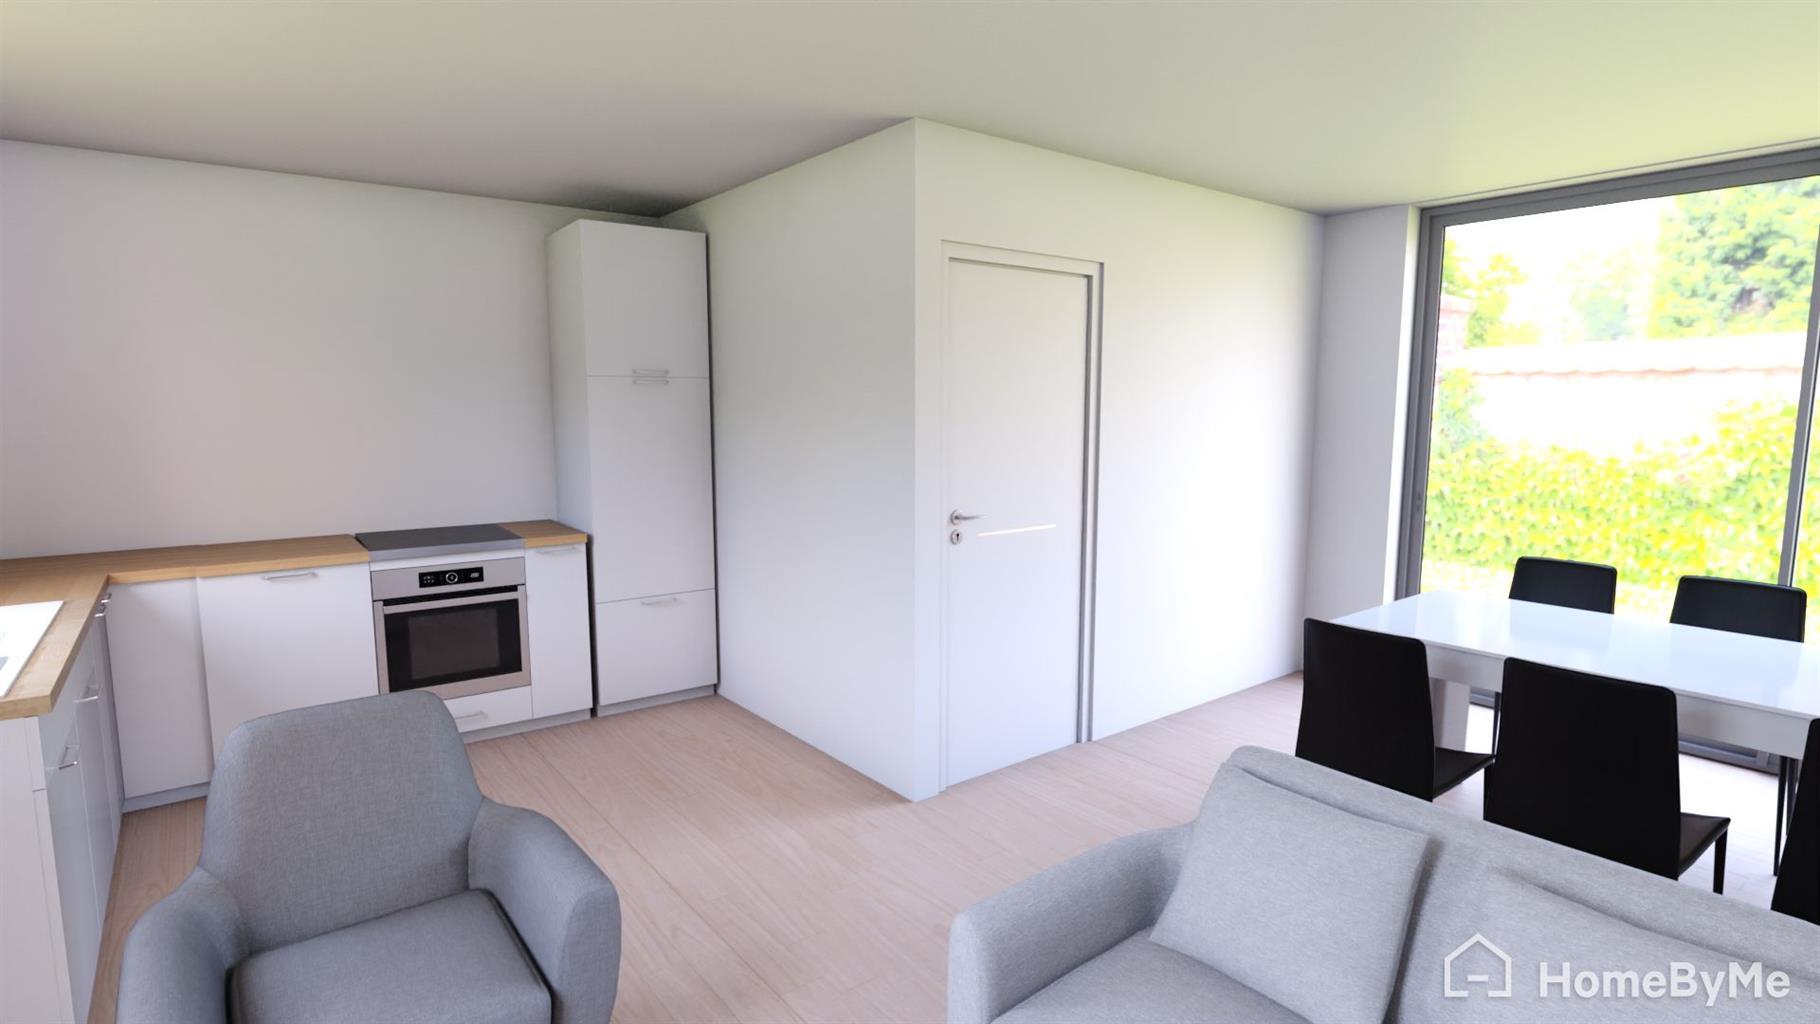 Maison - Braine-le-Comte - #4371645-9